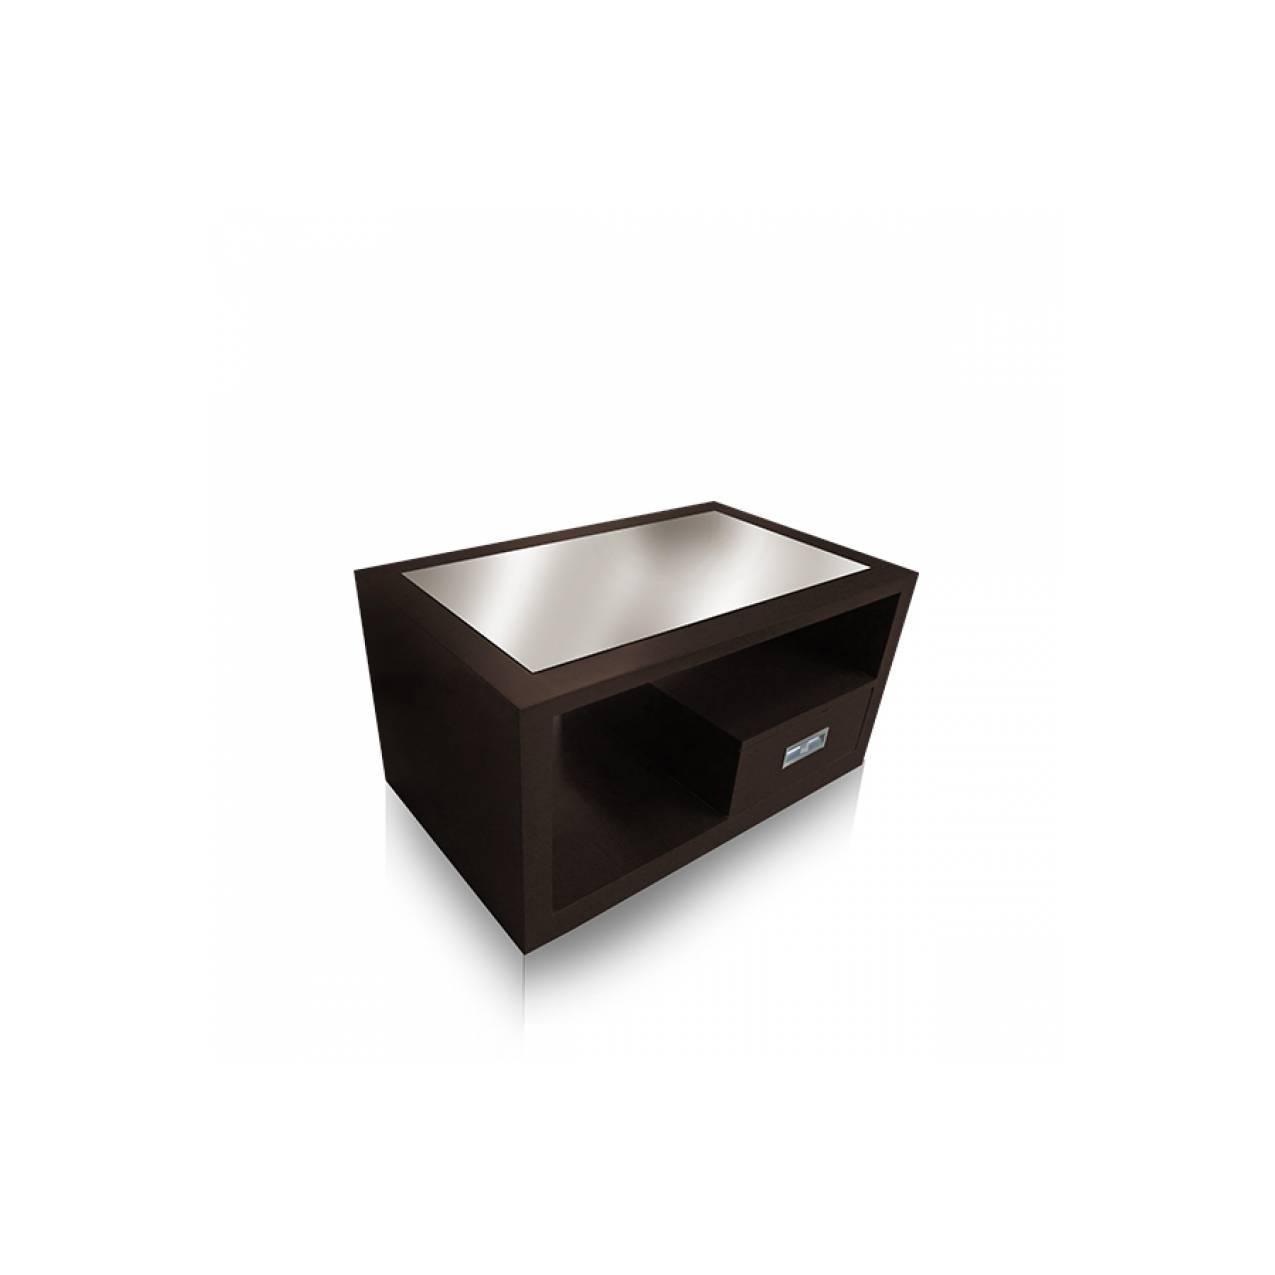 Meja Tamu Kotak Multiplek KP 207 - Cokelat